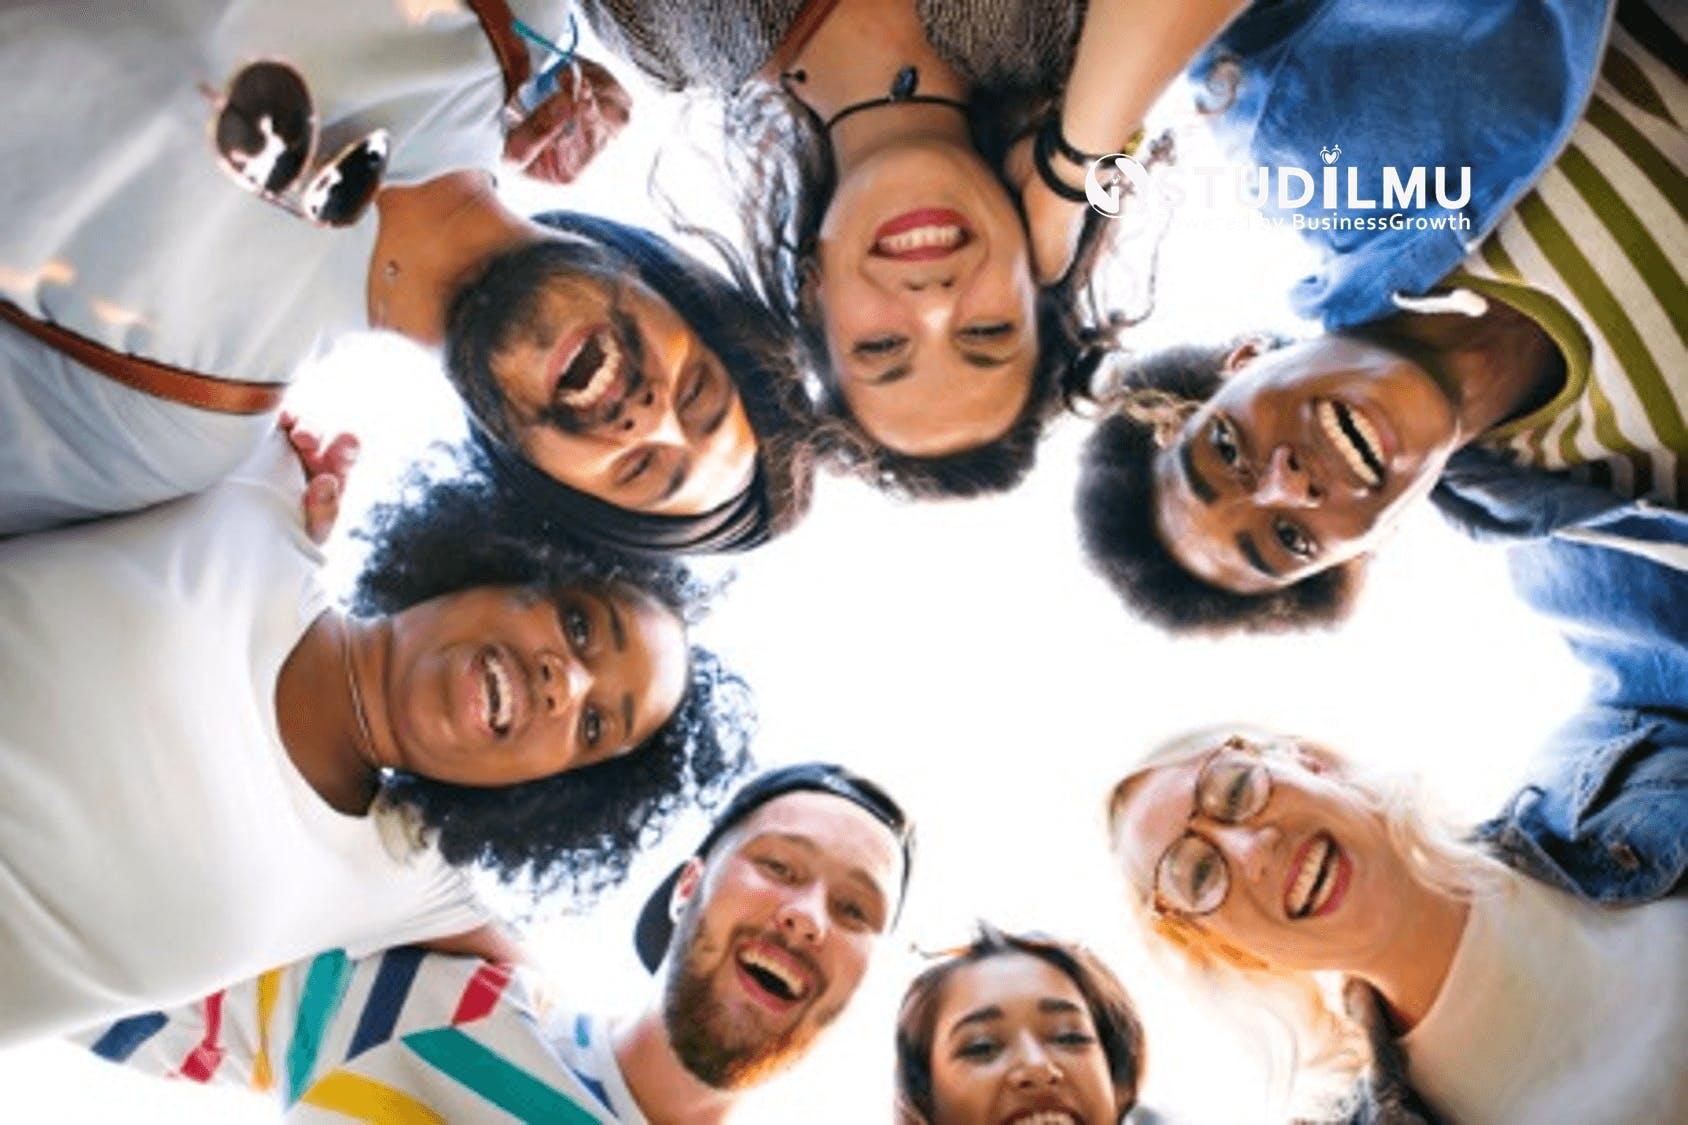 STUDILMU Career Advice - 20 Cara Hidup Bahagia tanpa Beban